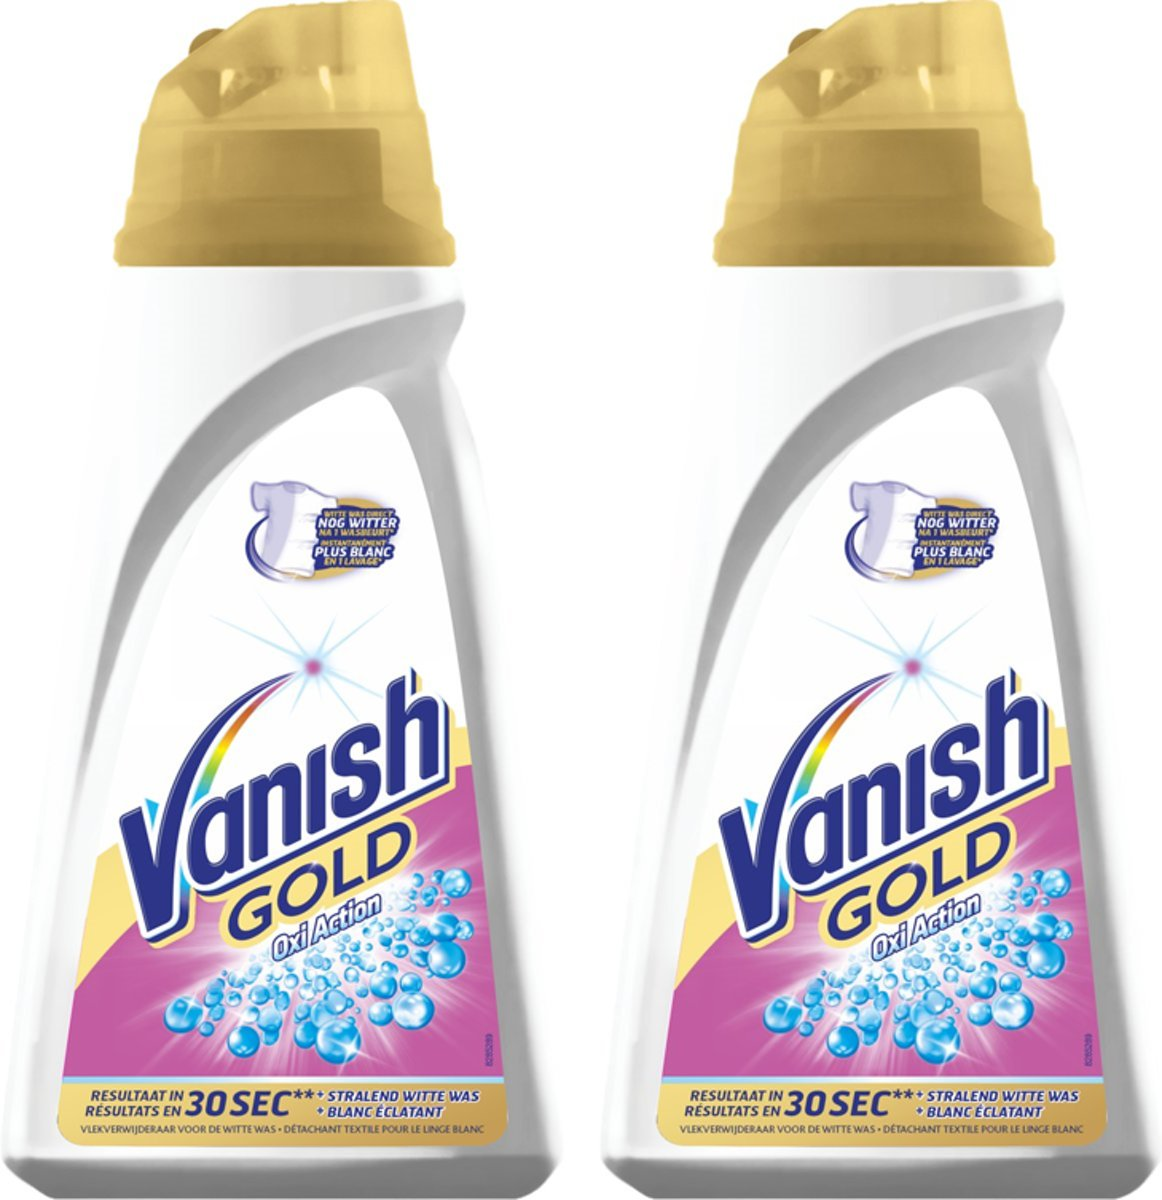 Vanish Gold Oxi Action - vlekverwijderaar witte was - 2 x 940 ml kopen